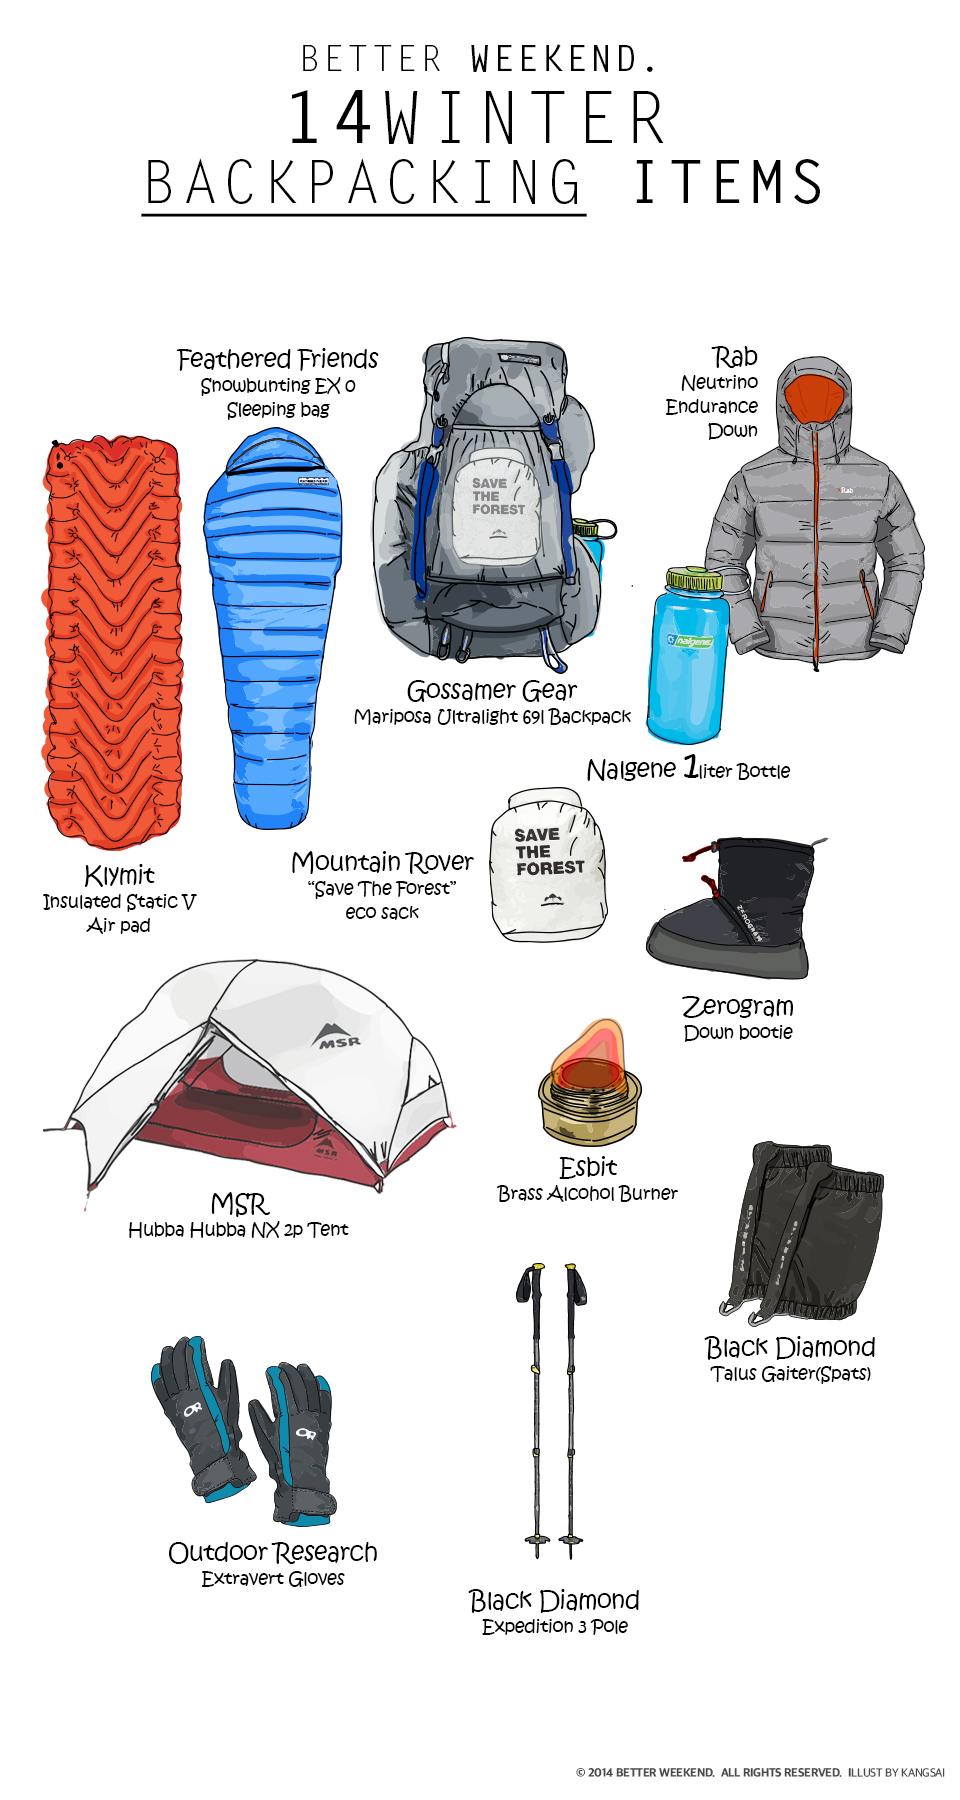 동계백패킹 장비가이드 : 14Winter Backpacking Items